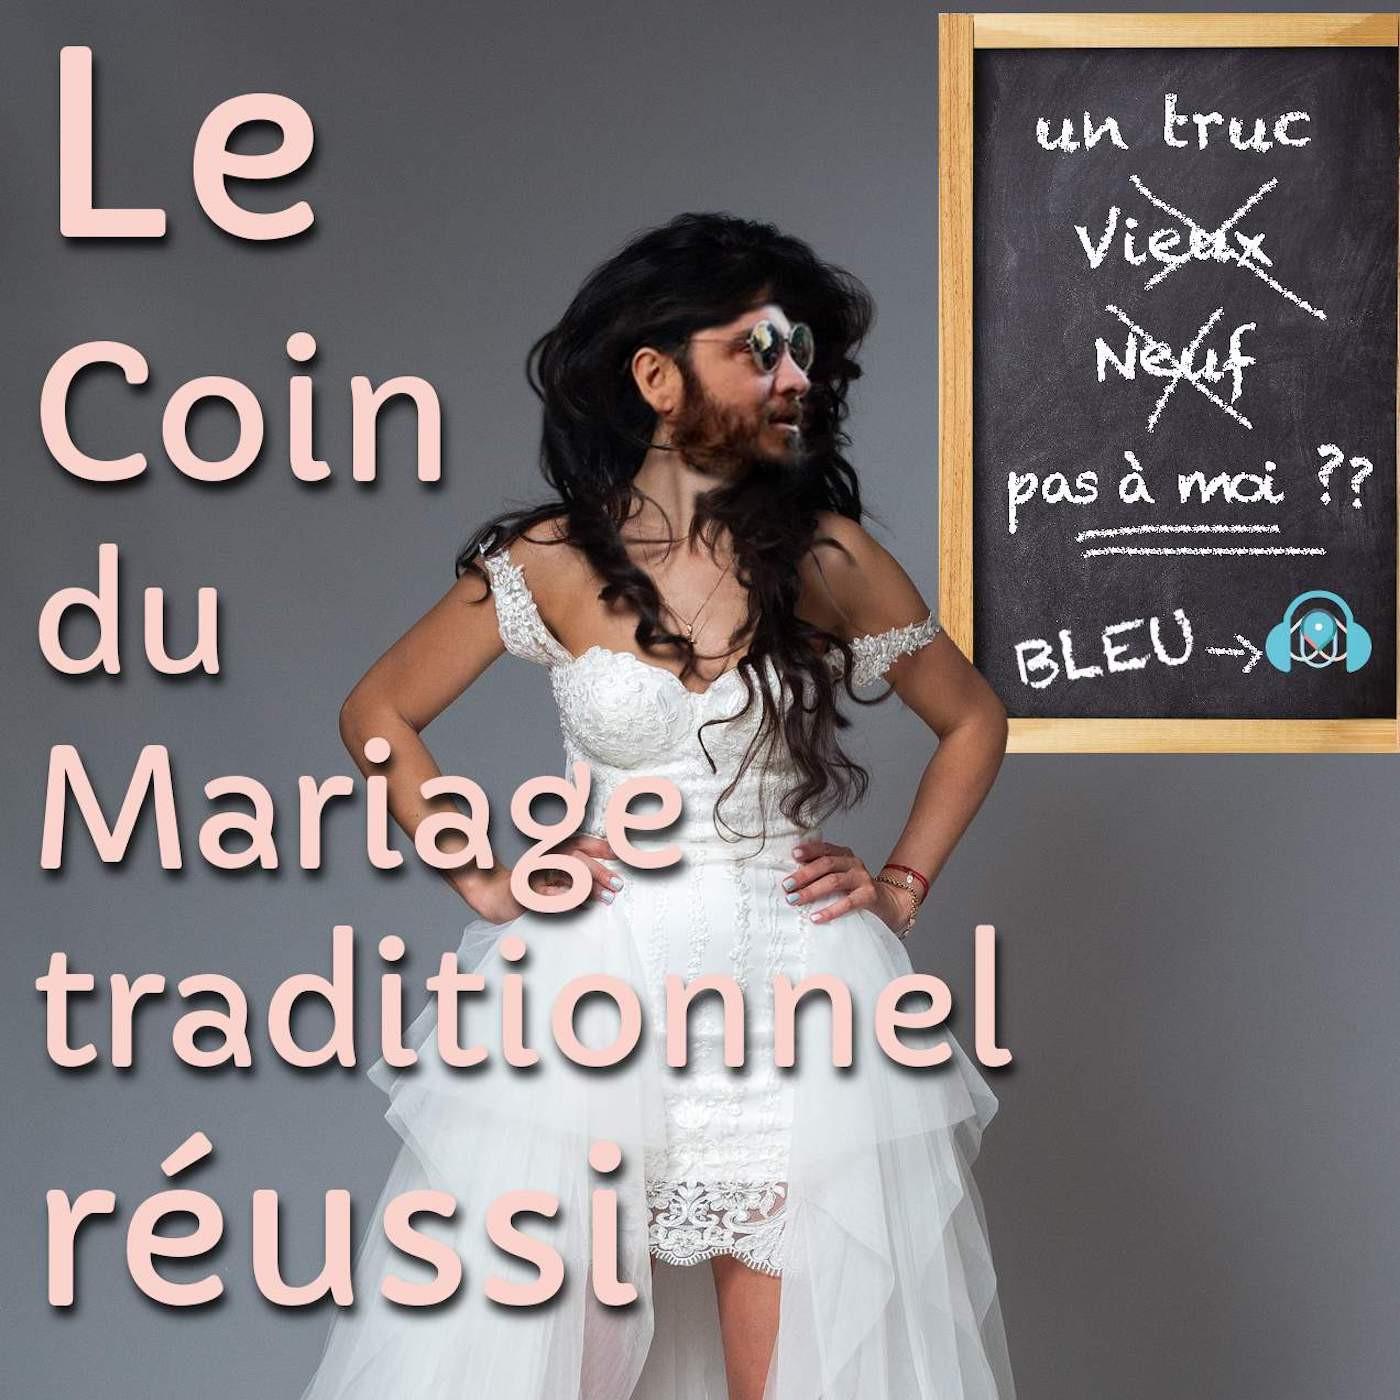 LE COIN DU MARIAGE TRADITIONNEL RÉUSSI S1E2